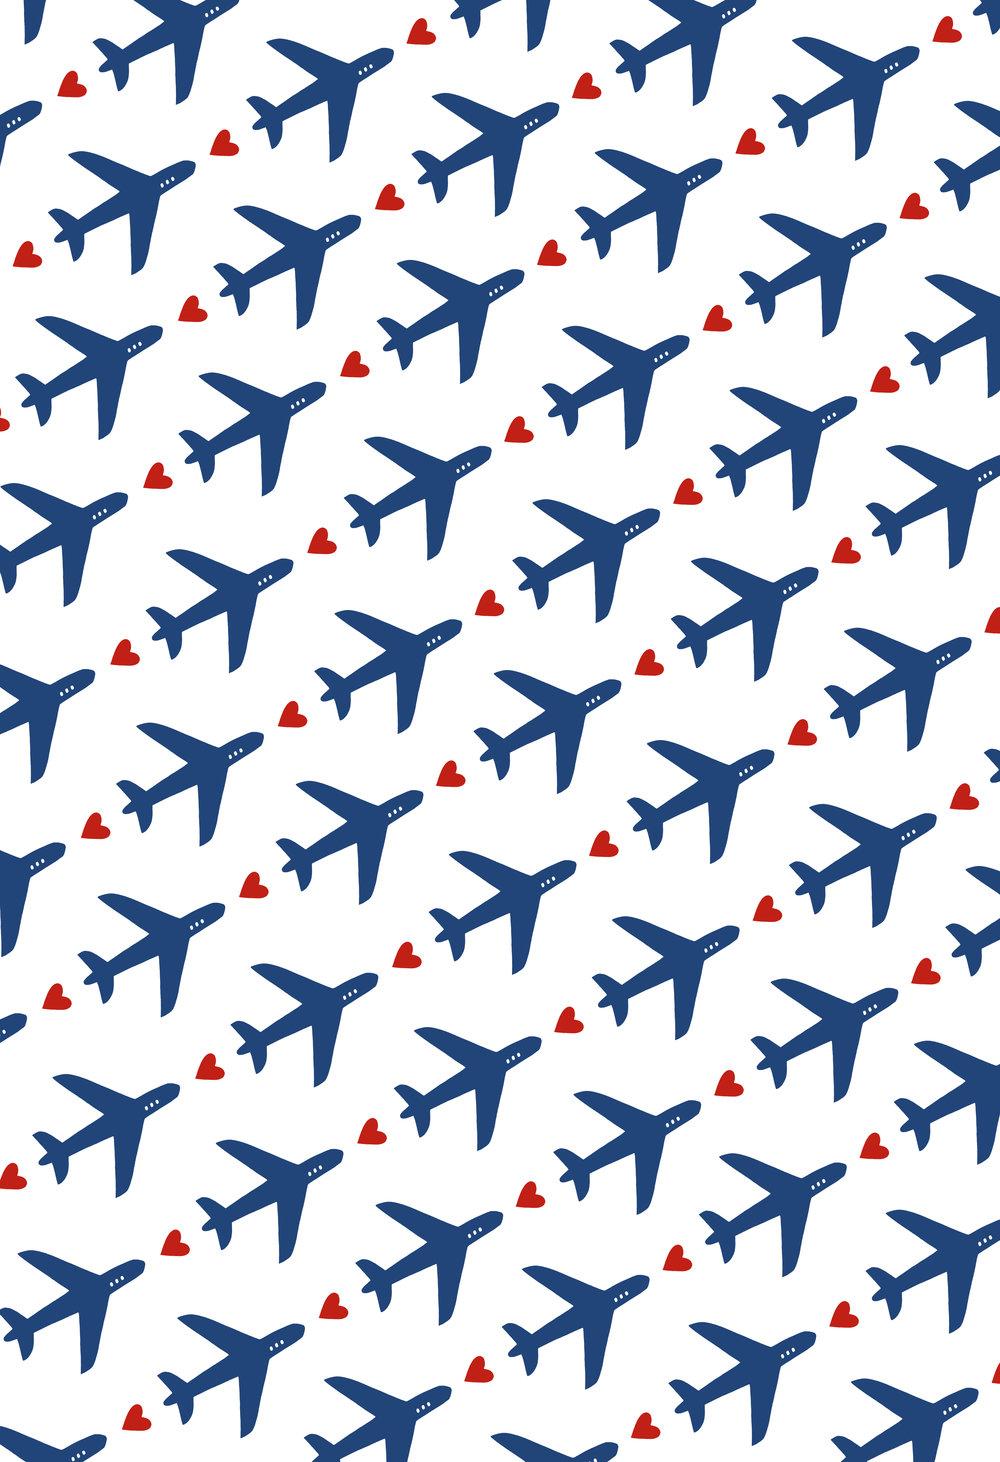 02203_airmail.jpg